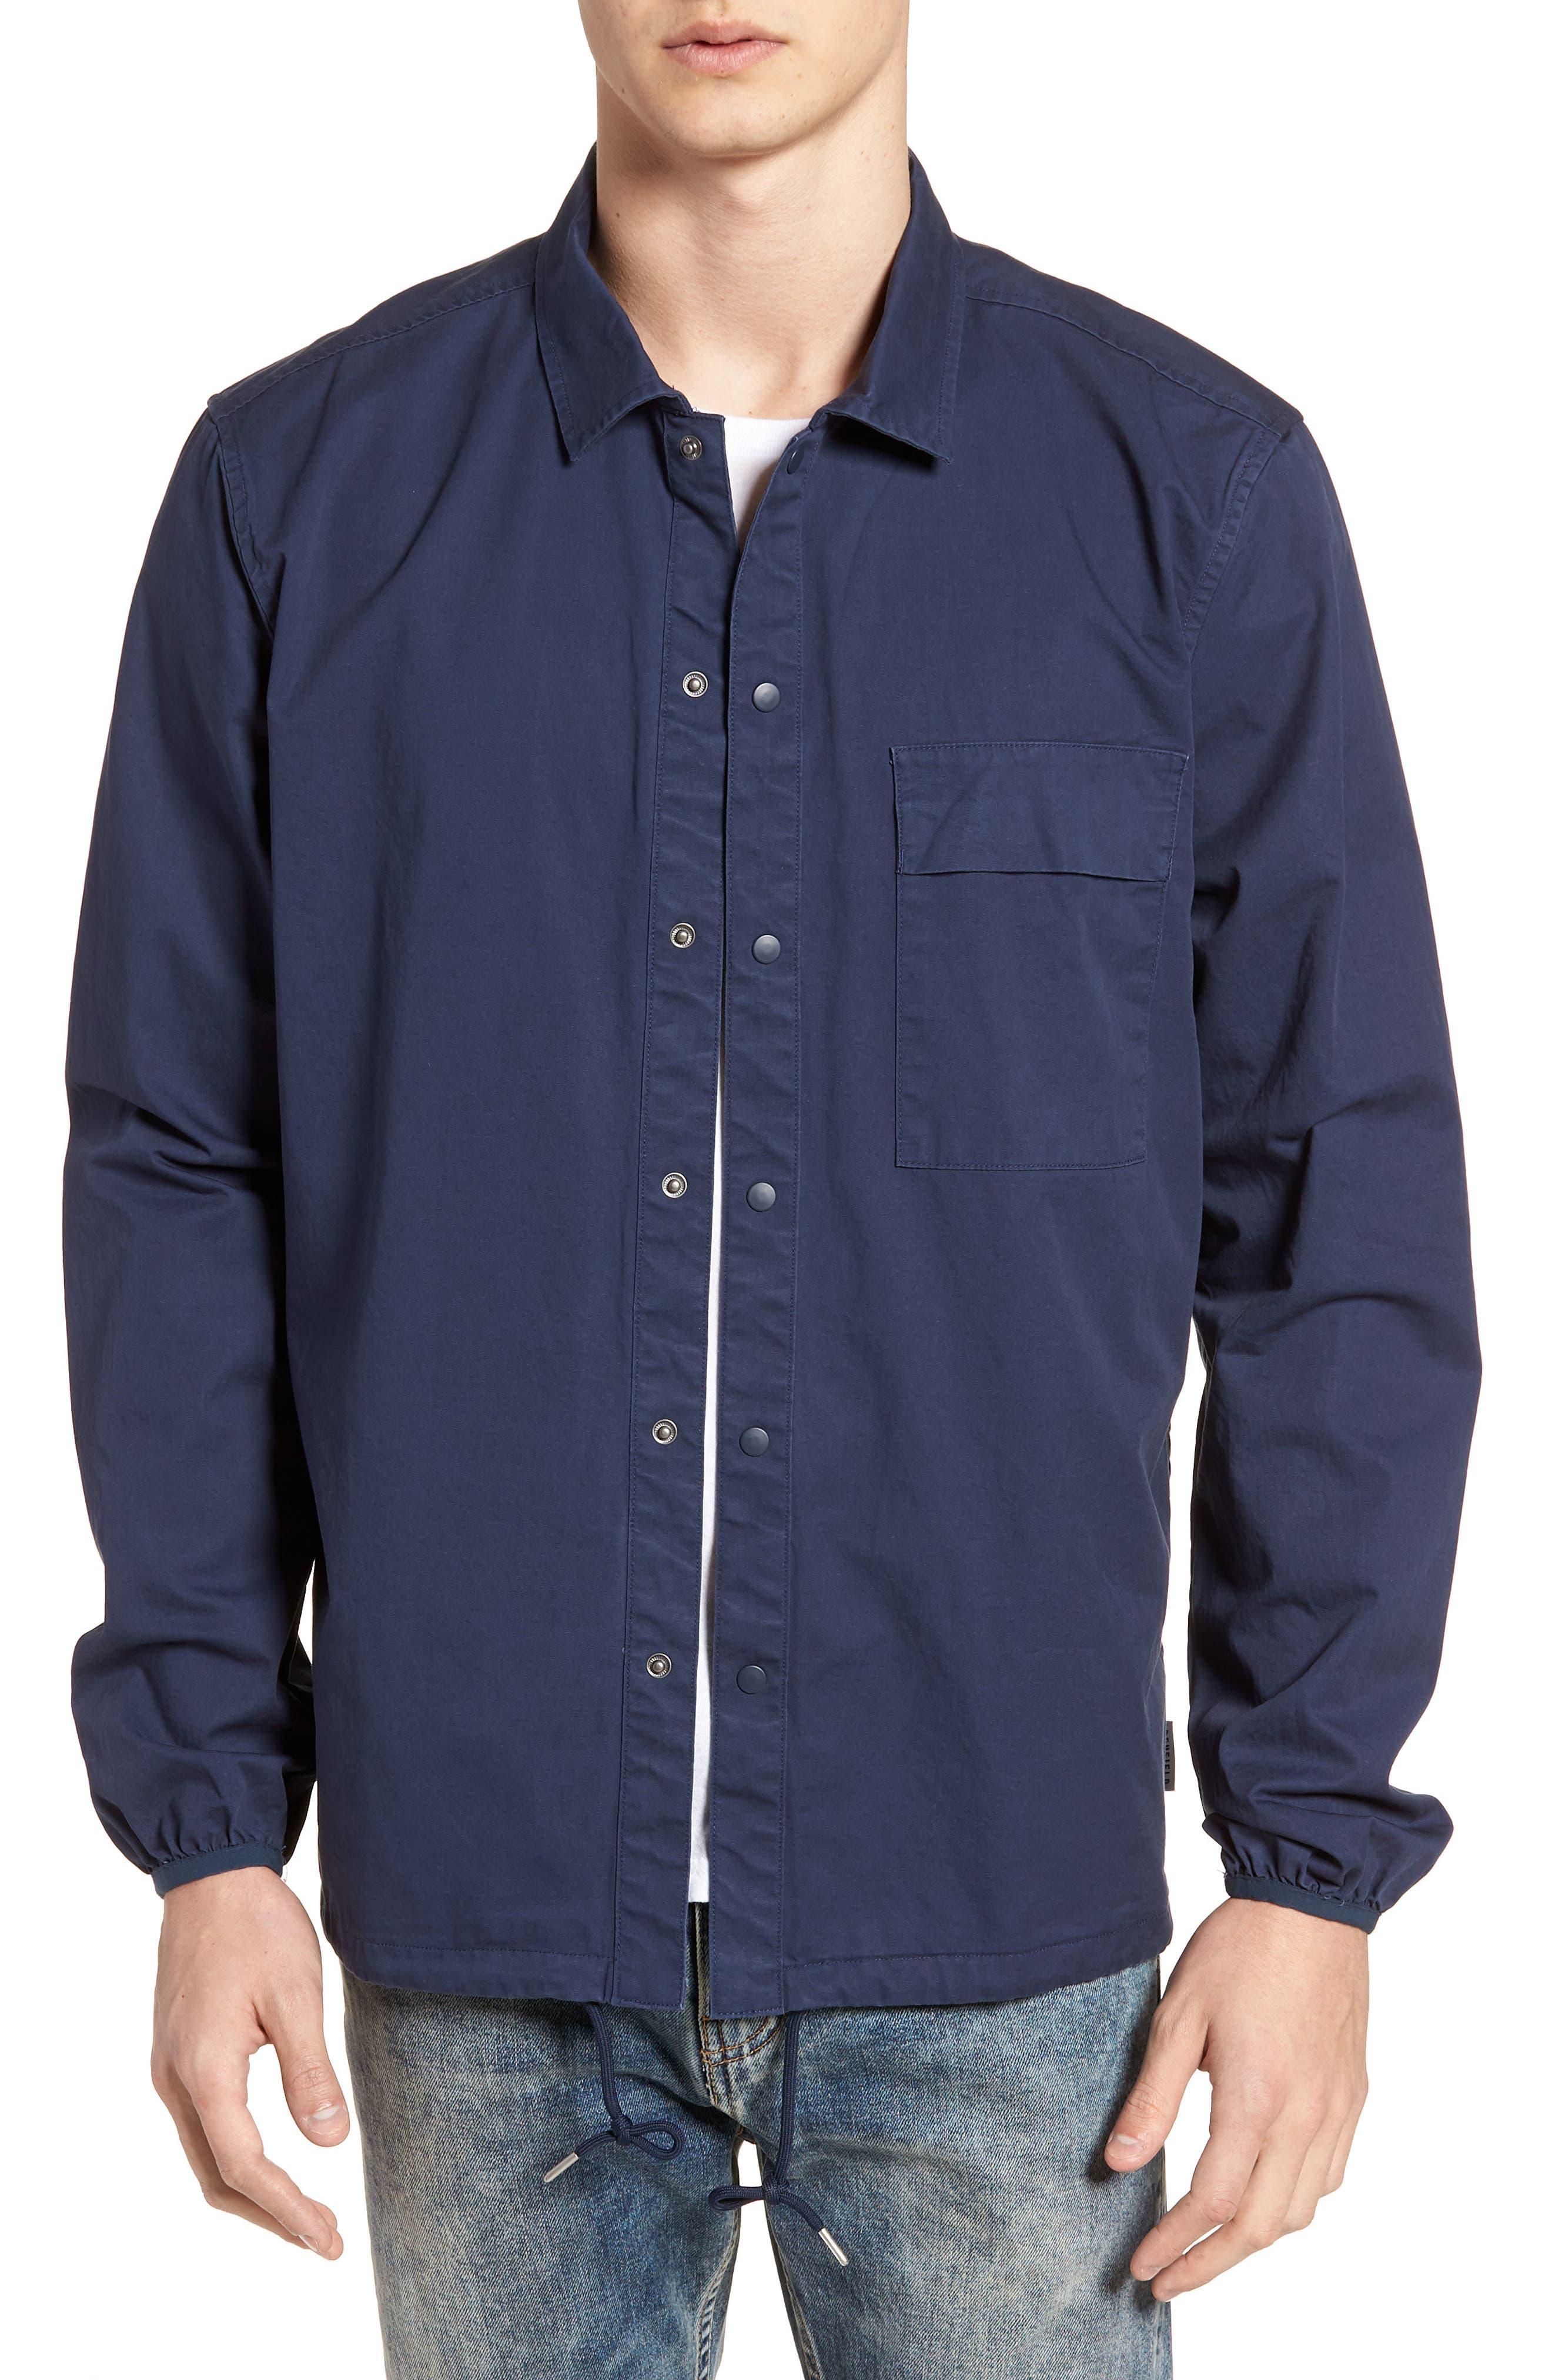 Blackstone Shirt Jacket,                         Main,                         color, Navy